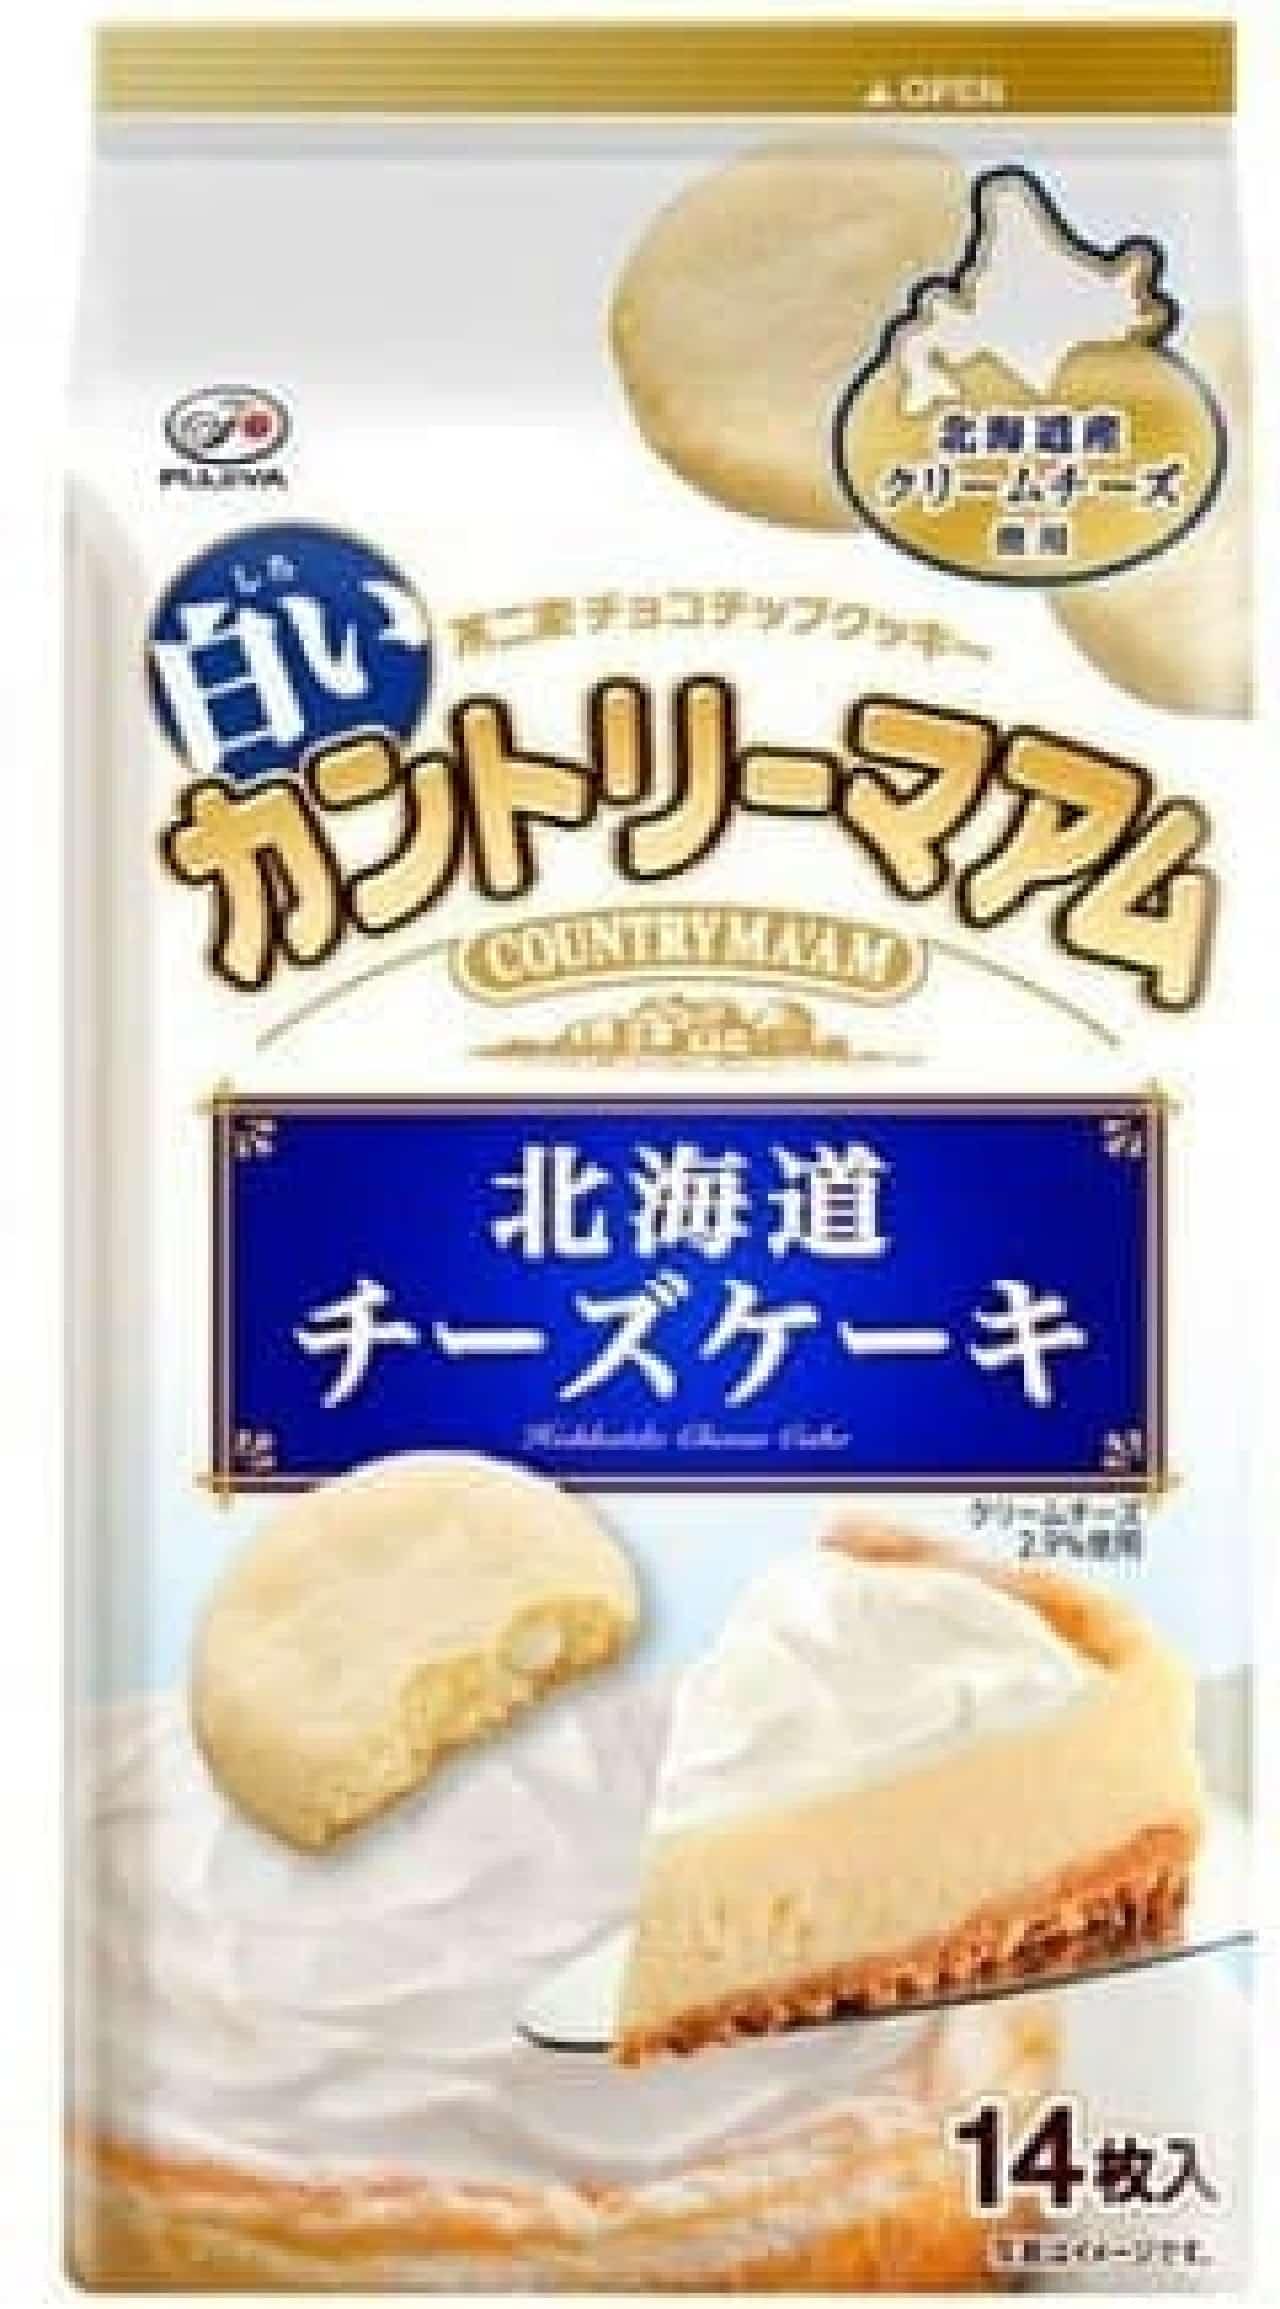 不二家「白いカントリーマアム(北海道チーズケーキ)」